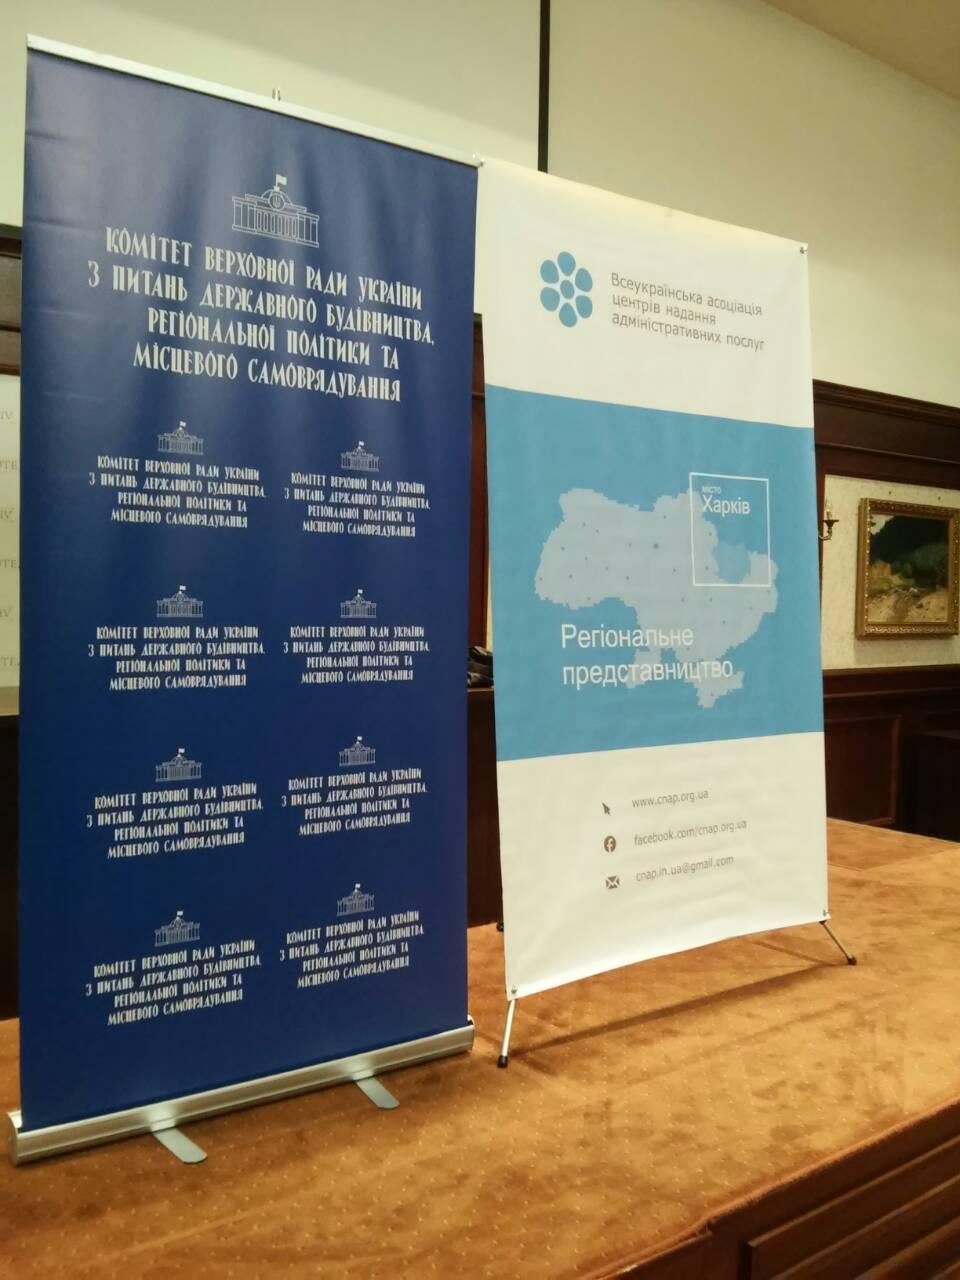 Сьогодні відбувся Регіональний форум з метою вдосконалення надання адміністративних послуг, в тому числі послуг соціального характеру